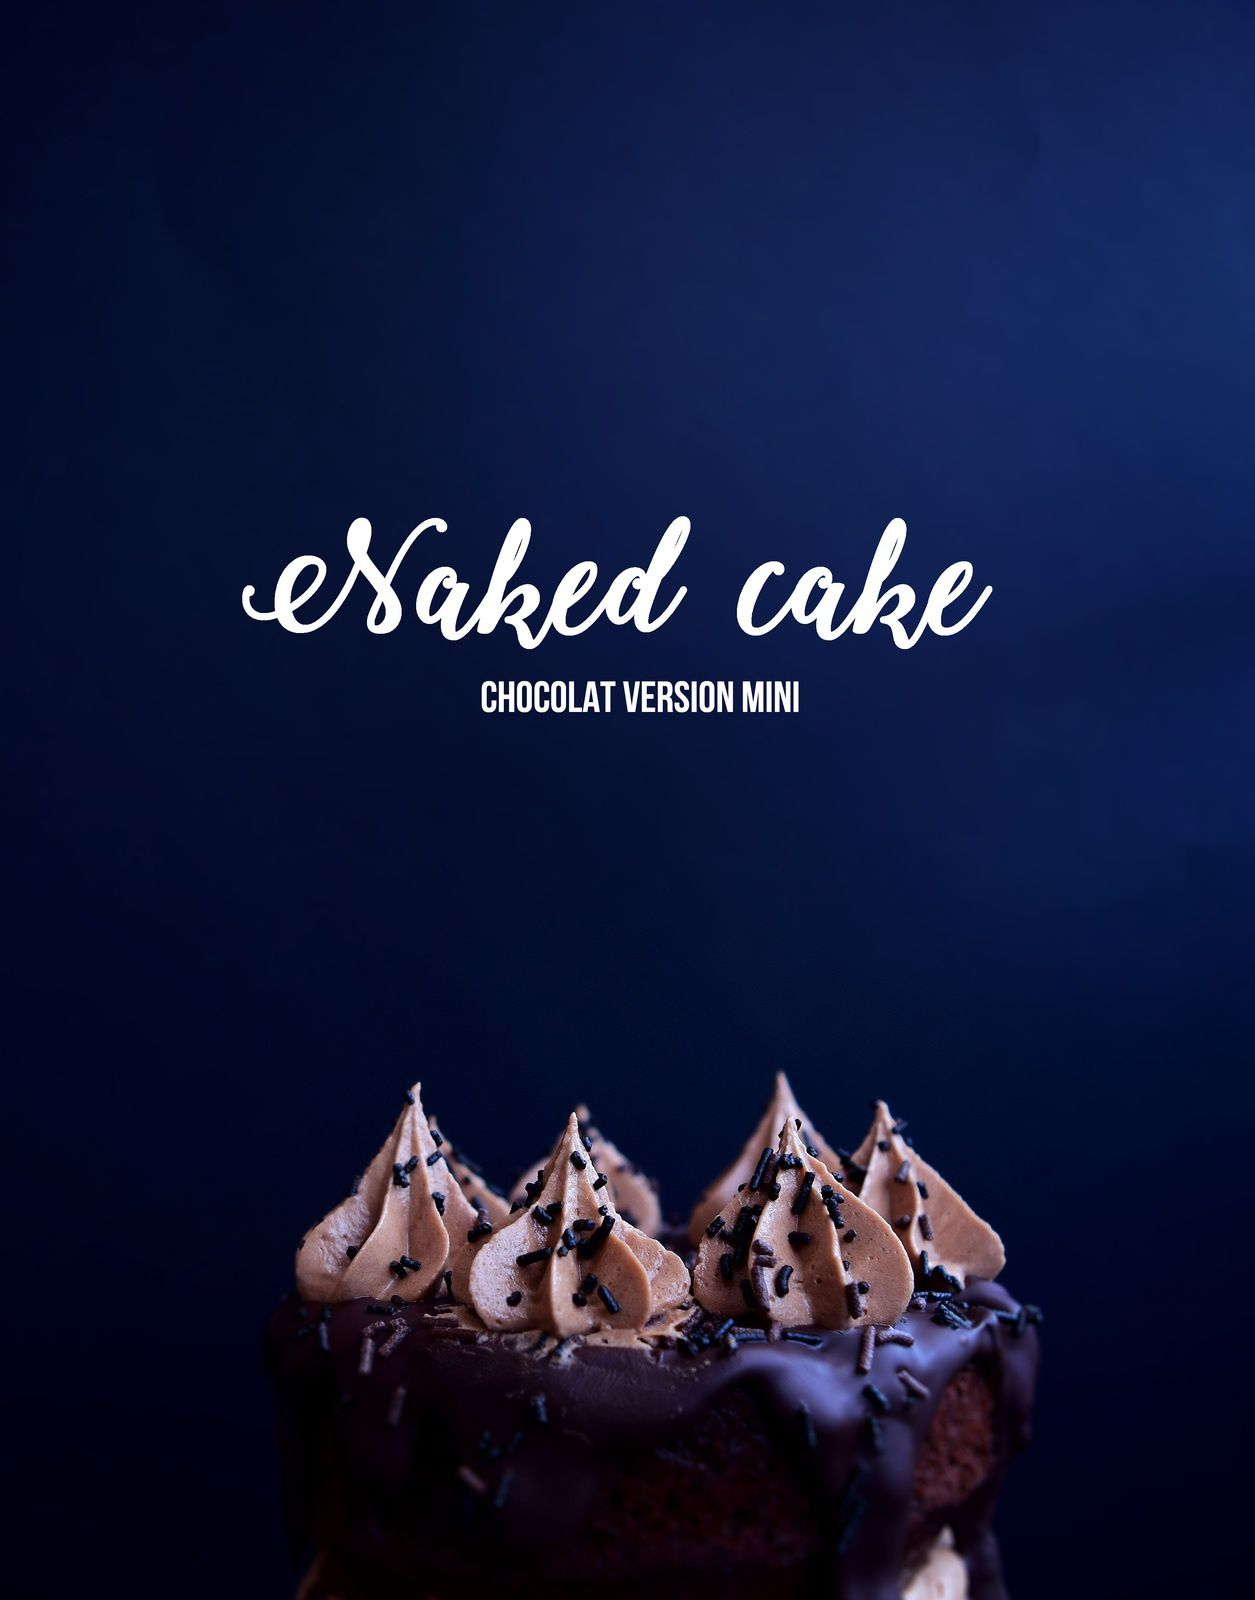 Naked cake au chocolat